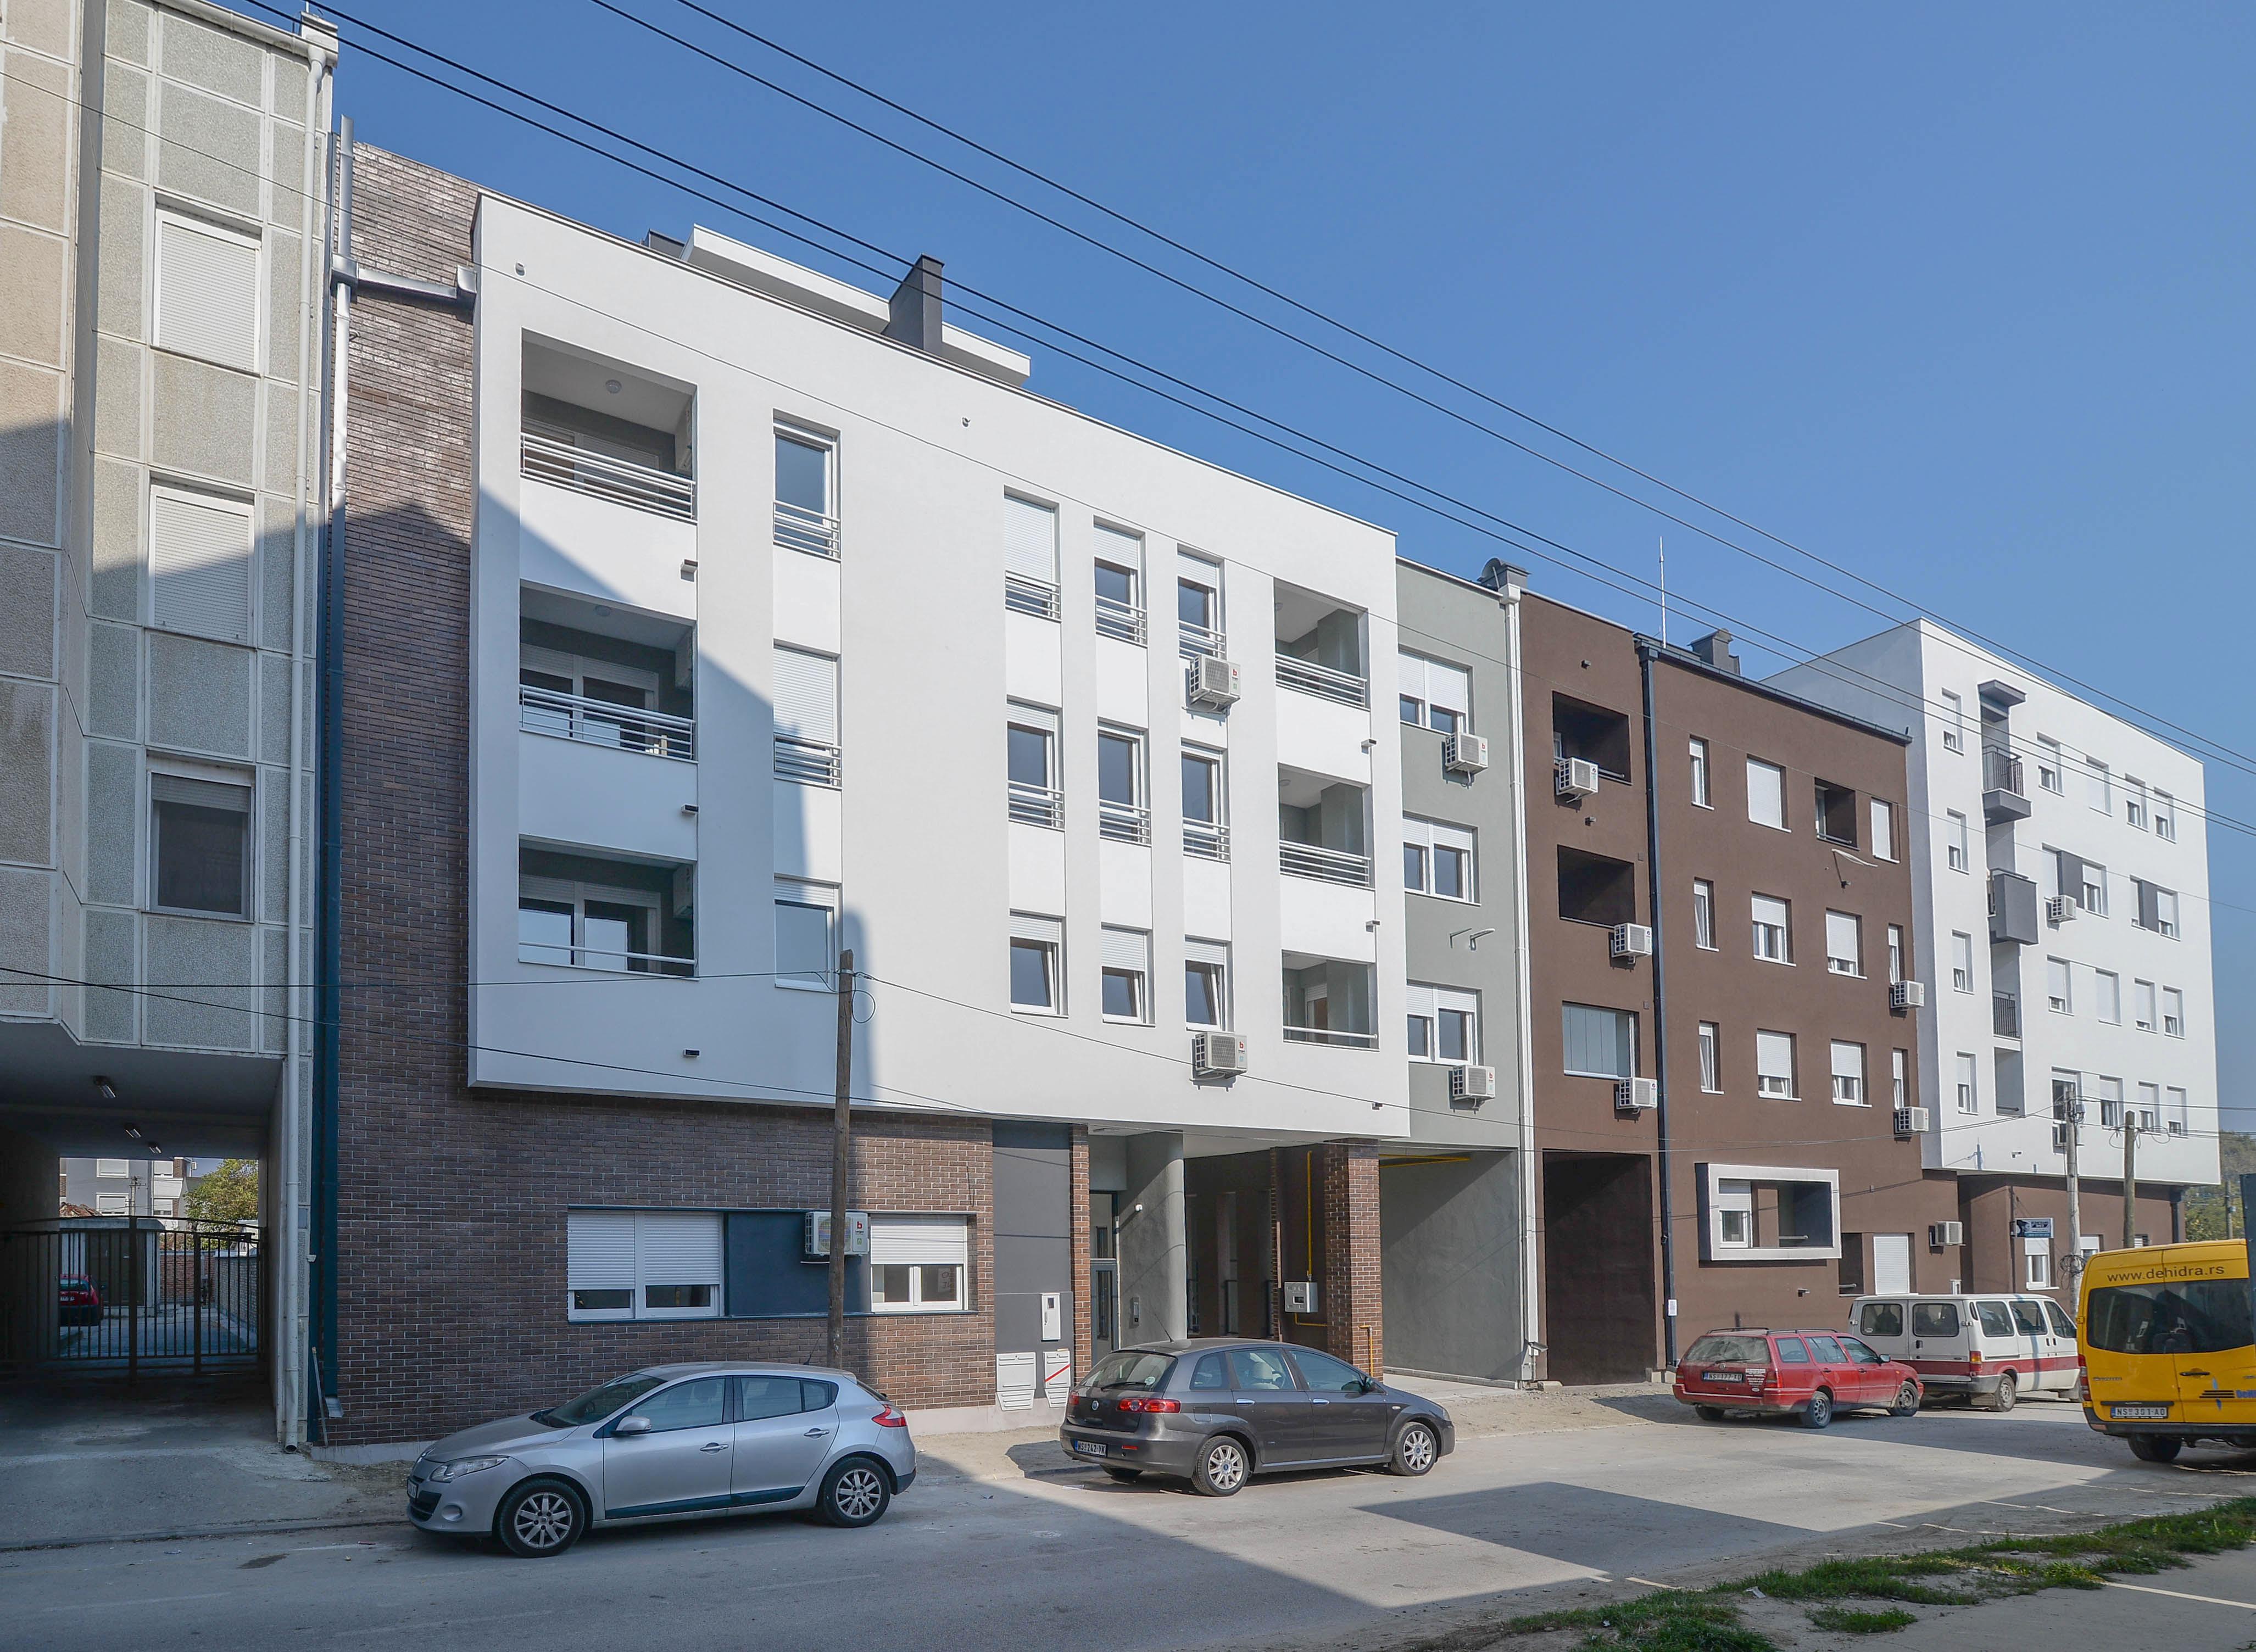 Residential building – Bele njive 33, Novi Sad